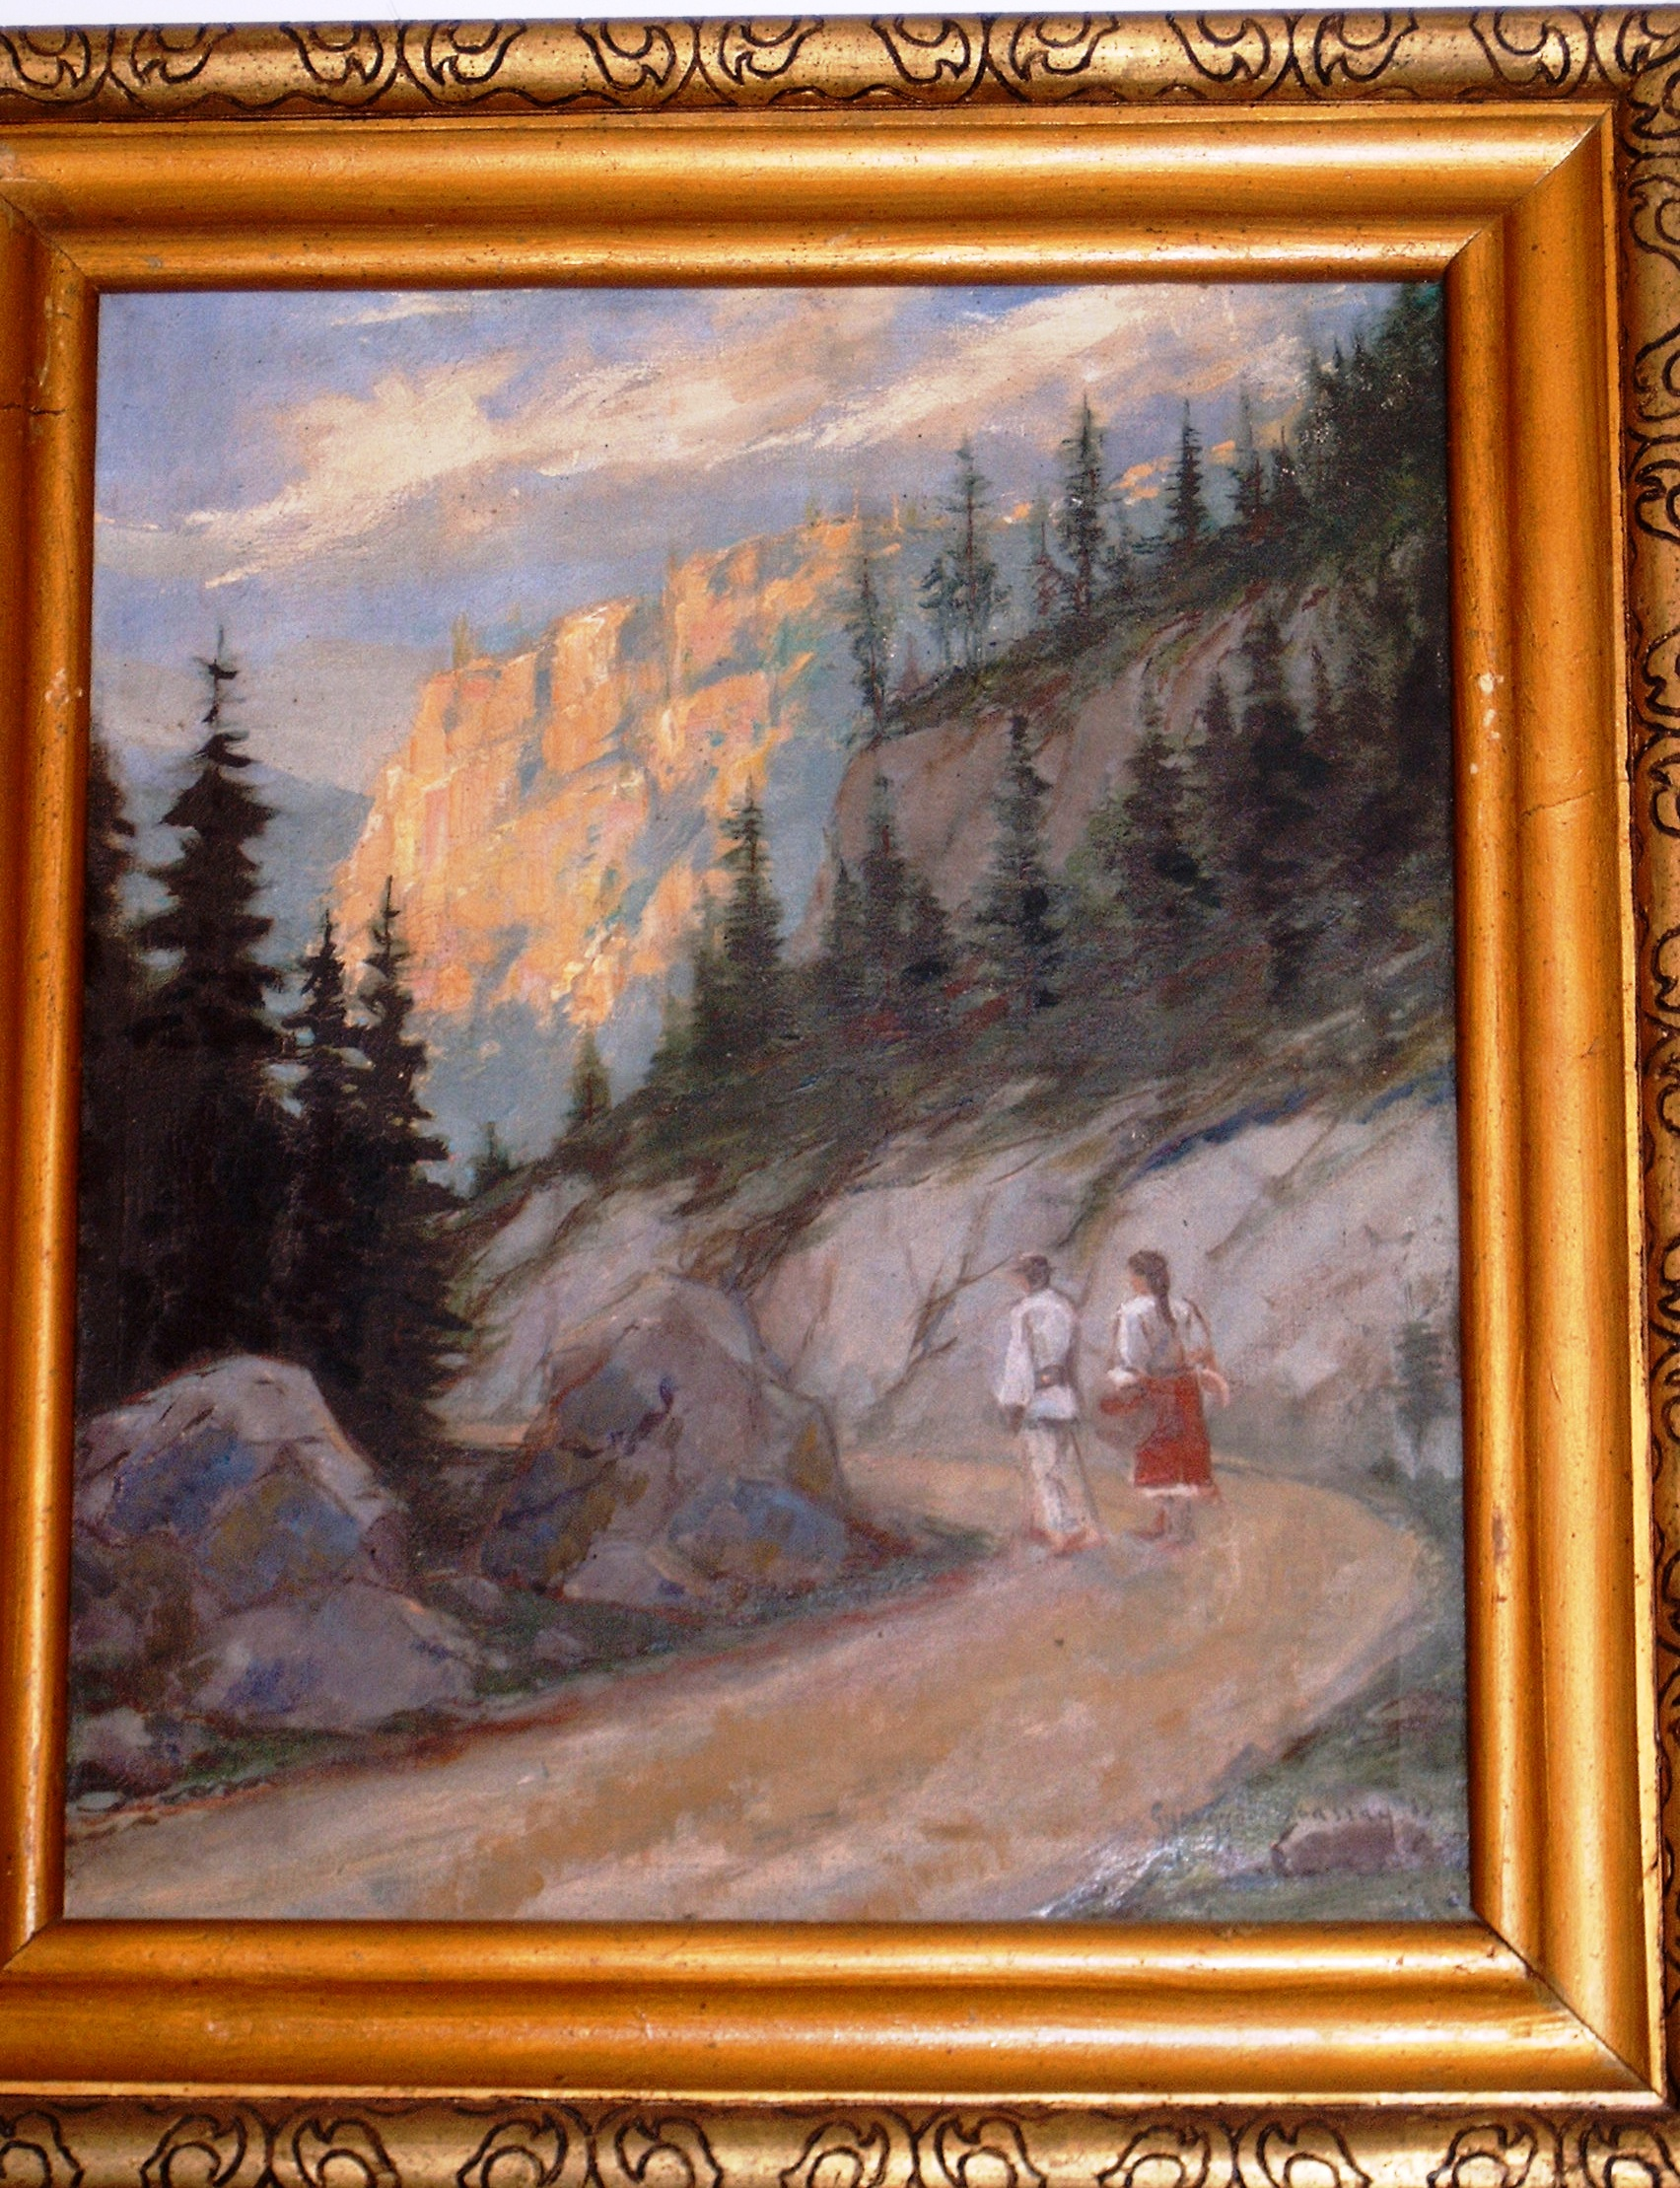 PicturăPereche de ţărani pe drum de munte - Persoană fizică - REGHIN